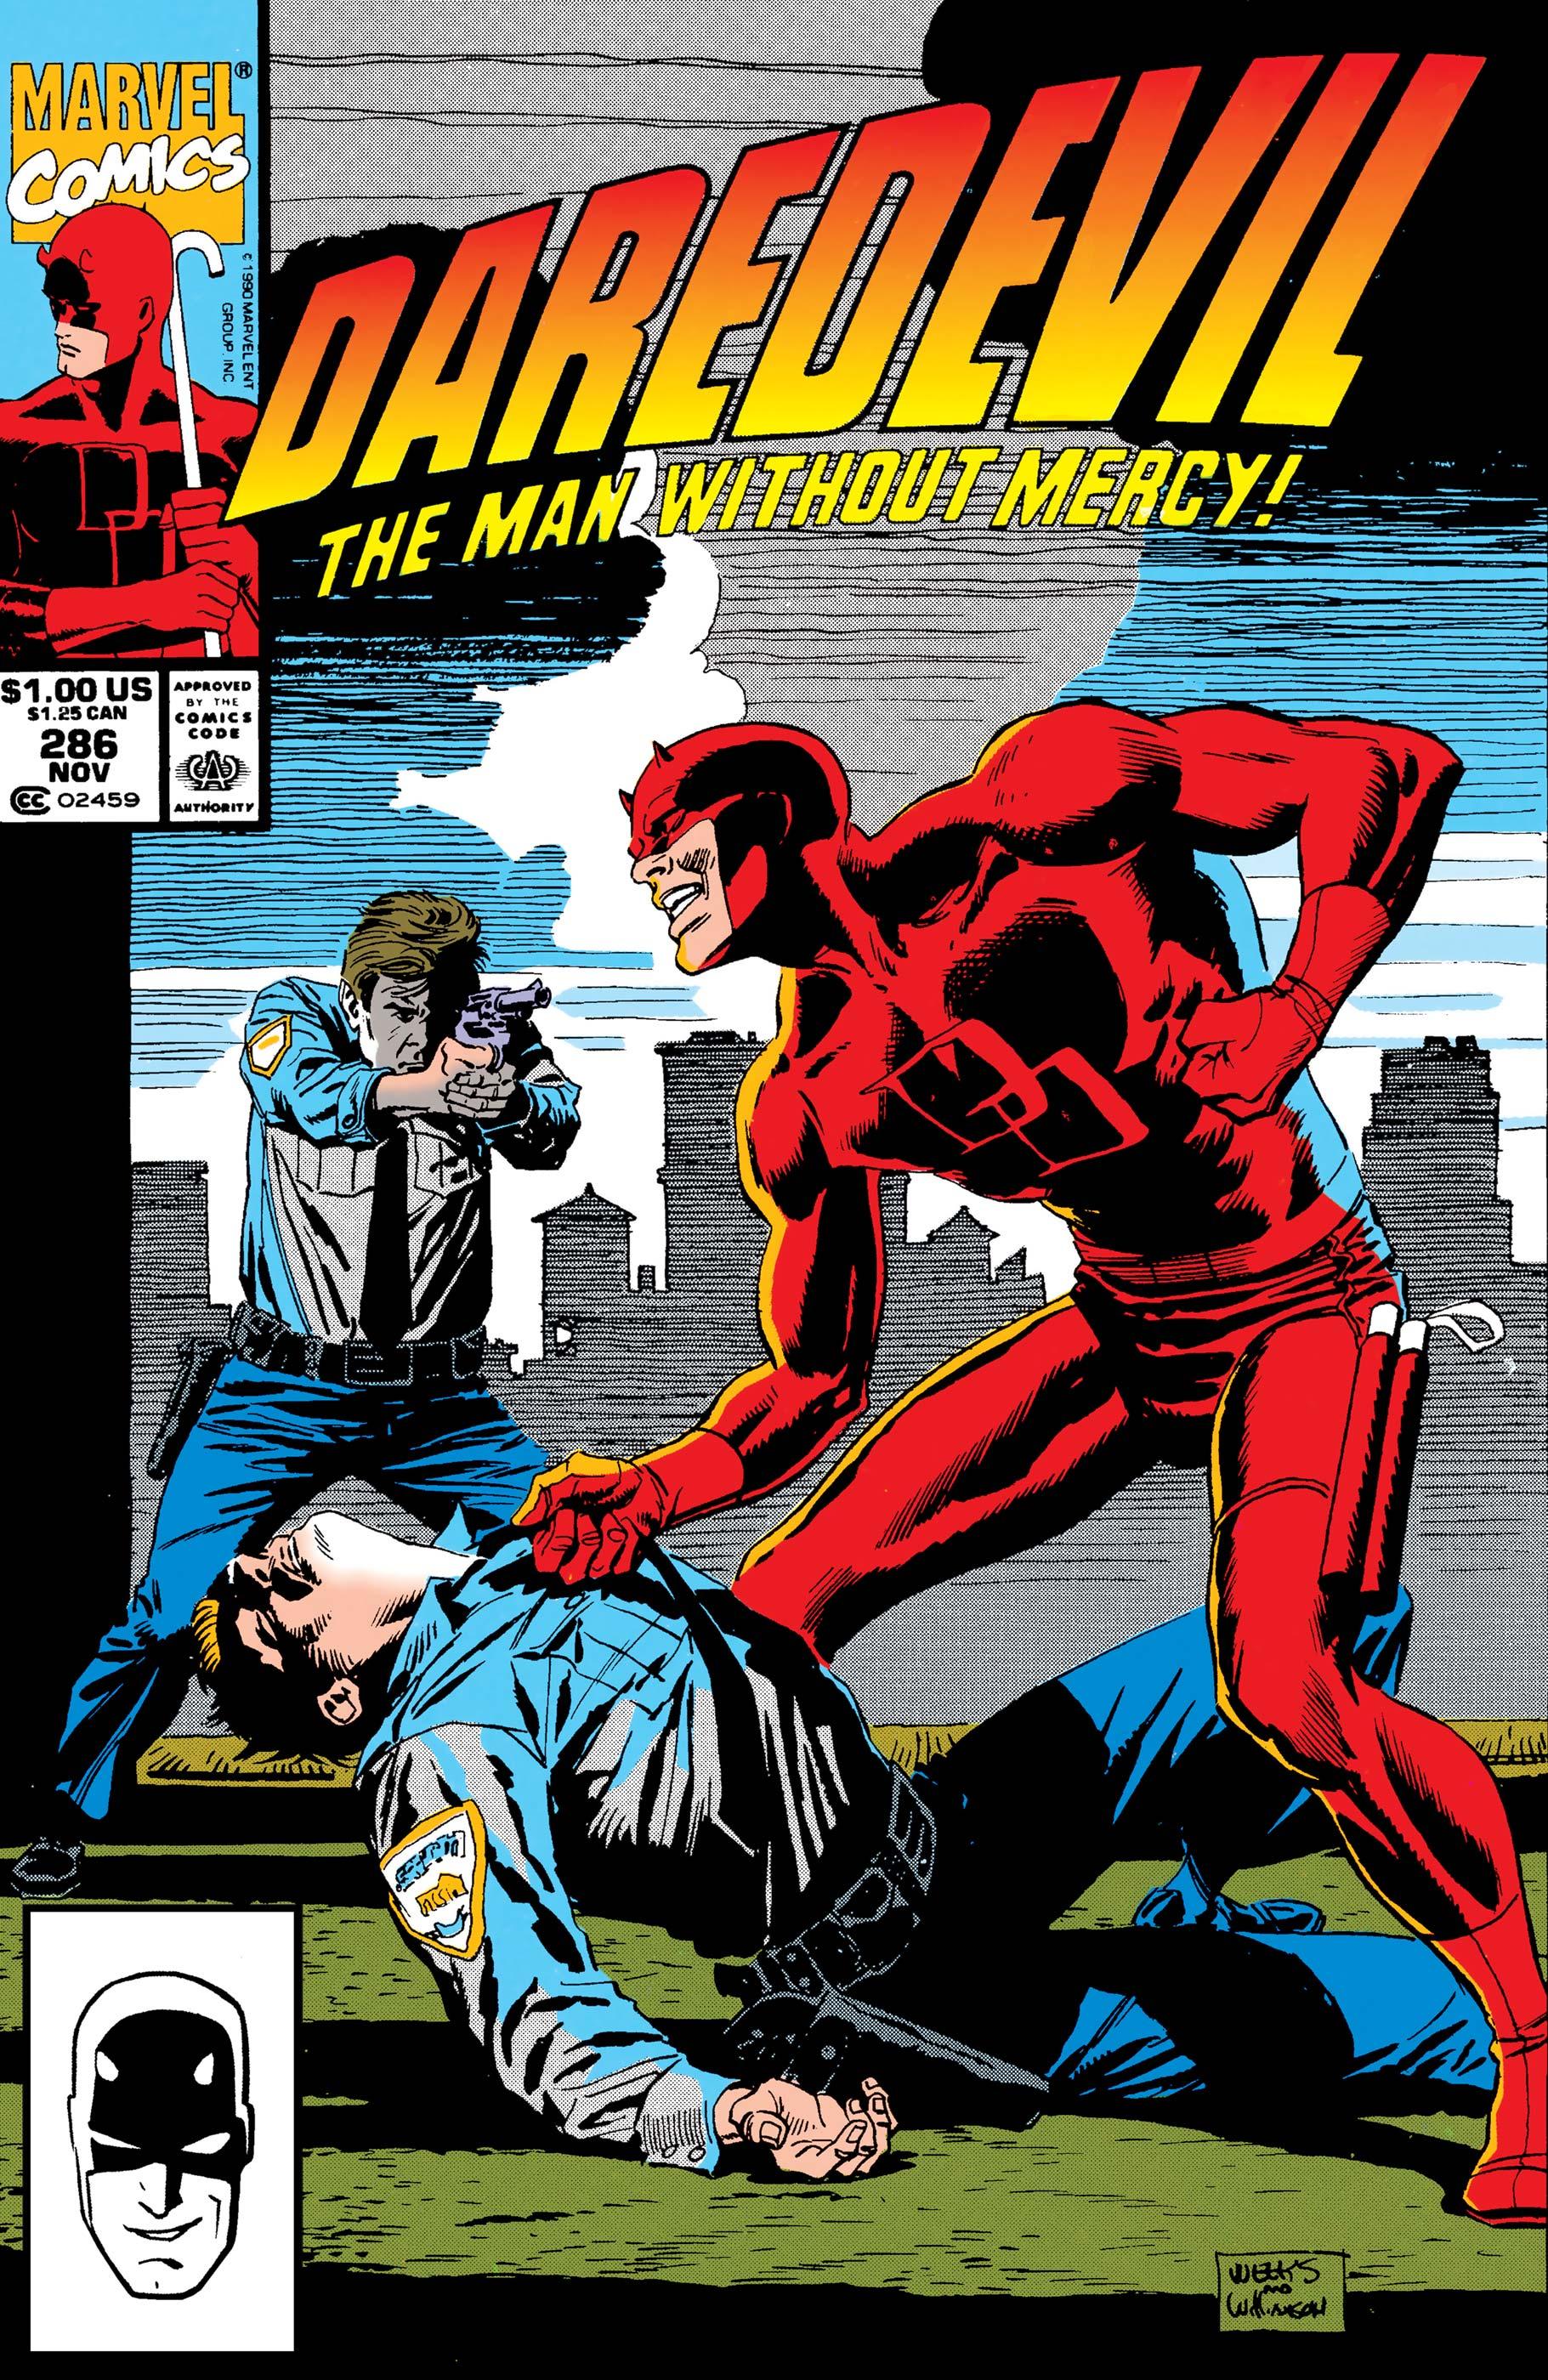 Daredevil (1964) #286